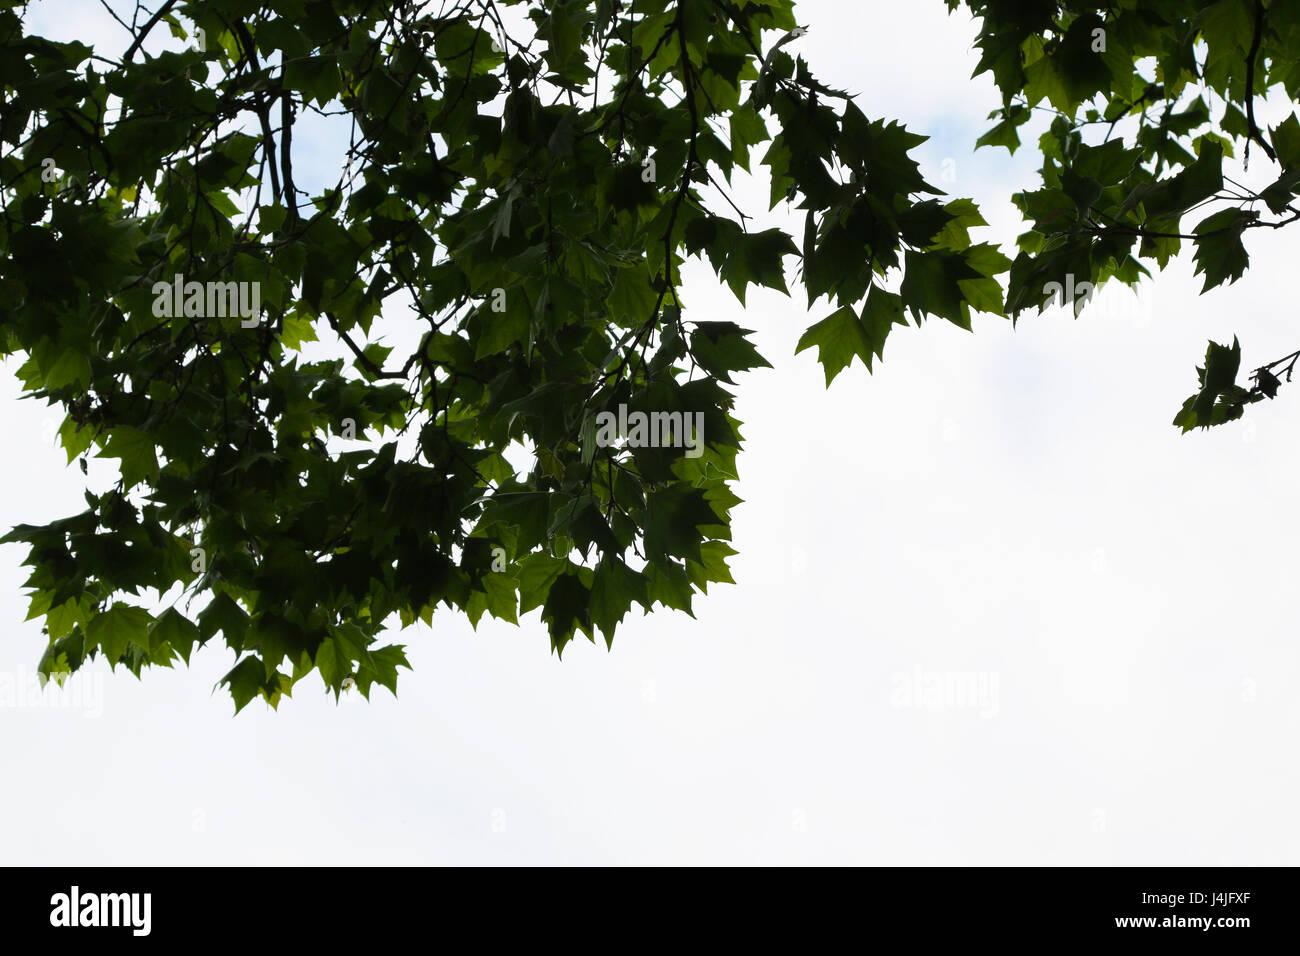 Il verde delle foglie e rami contro il cielo Immagini Stock